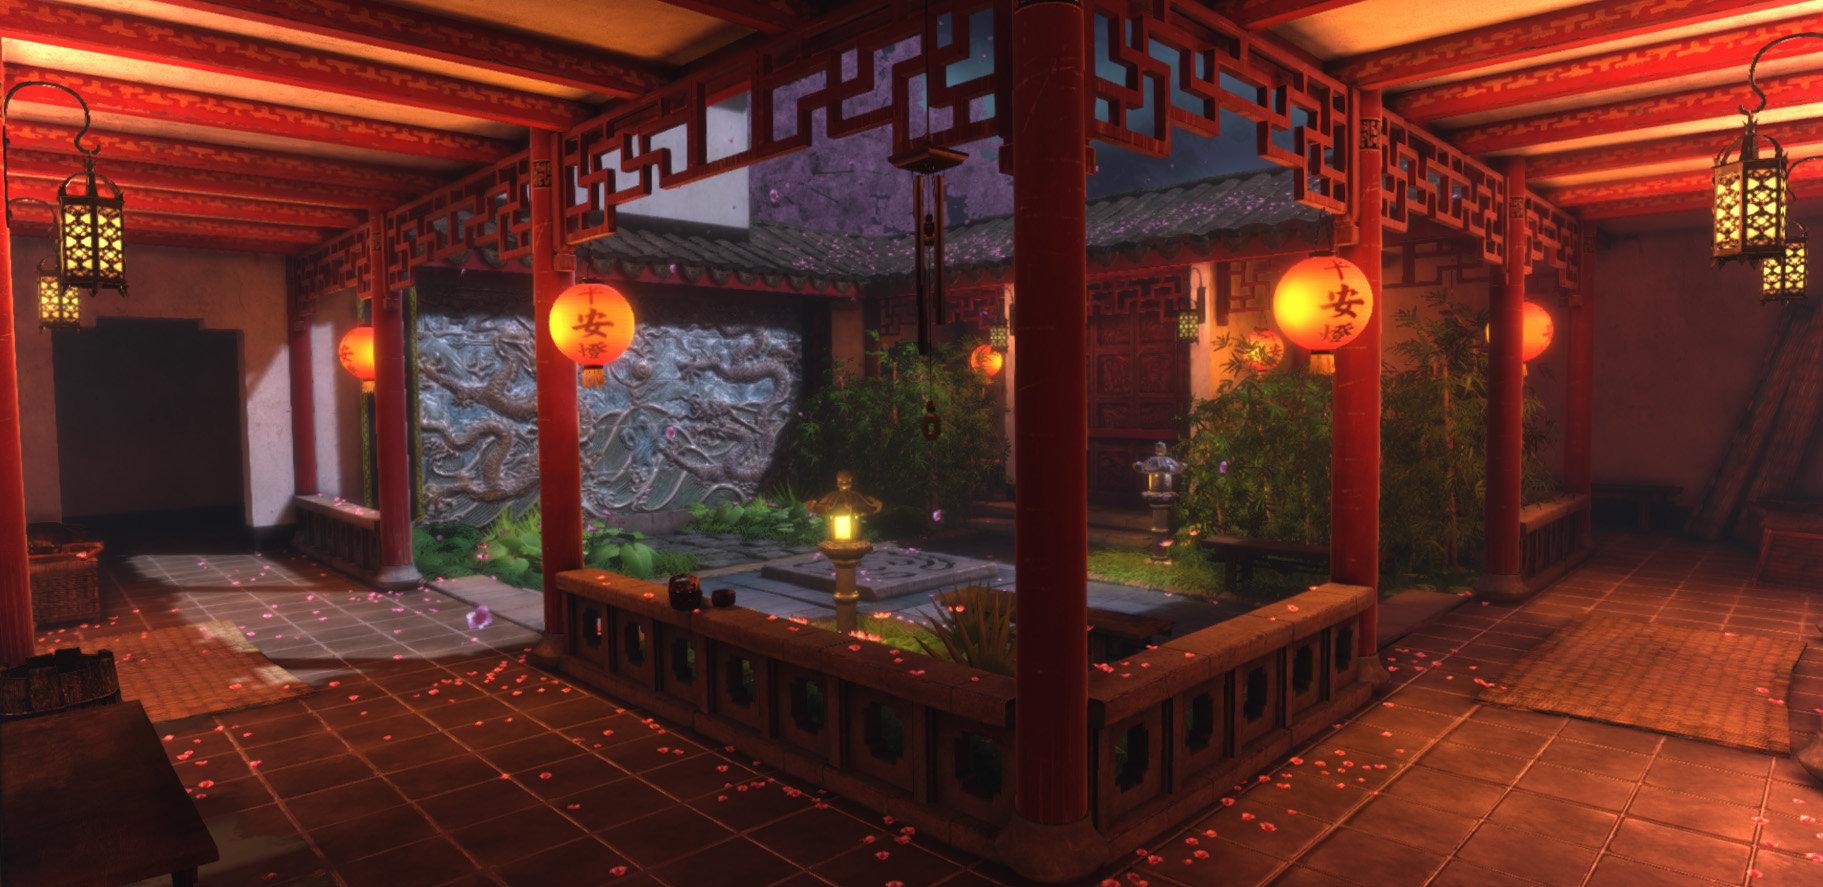 Jeff severson chinese courtyard night 01